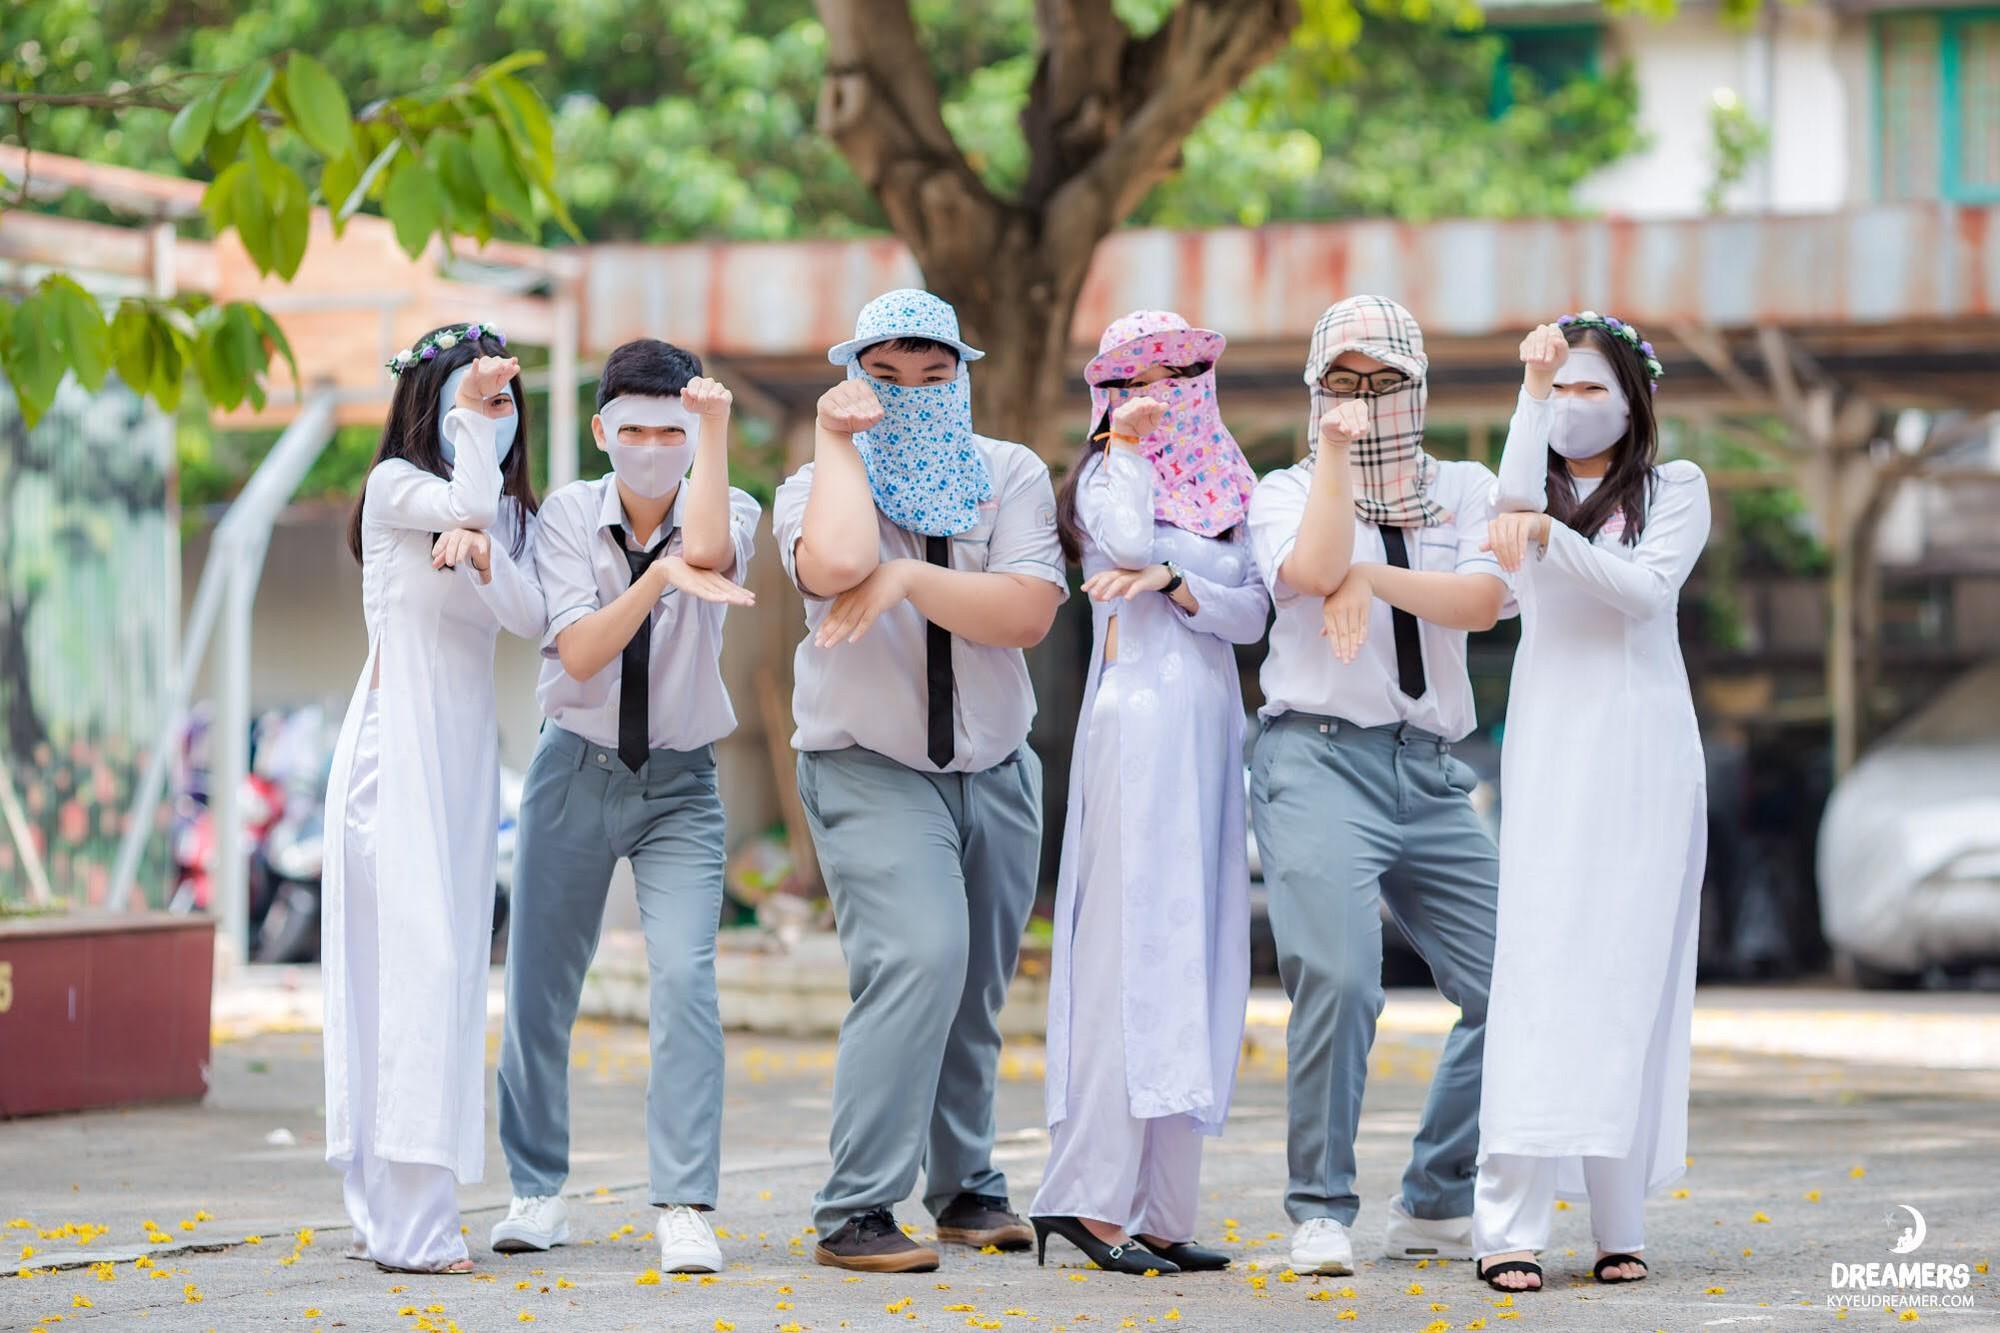 Muốn có bộ ảnh khó quên thời học sinh, hãy nhanh tay học hỏi style Ninja Lead từ các bạn này - Ảnh 3.